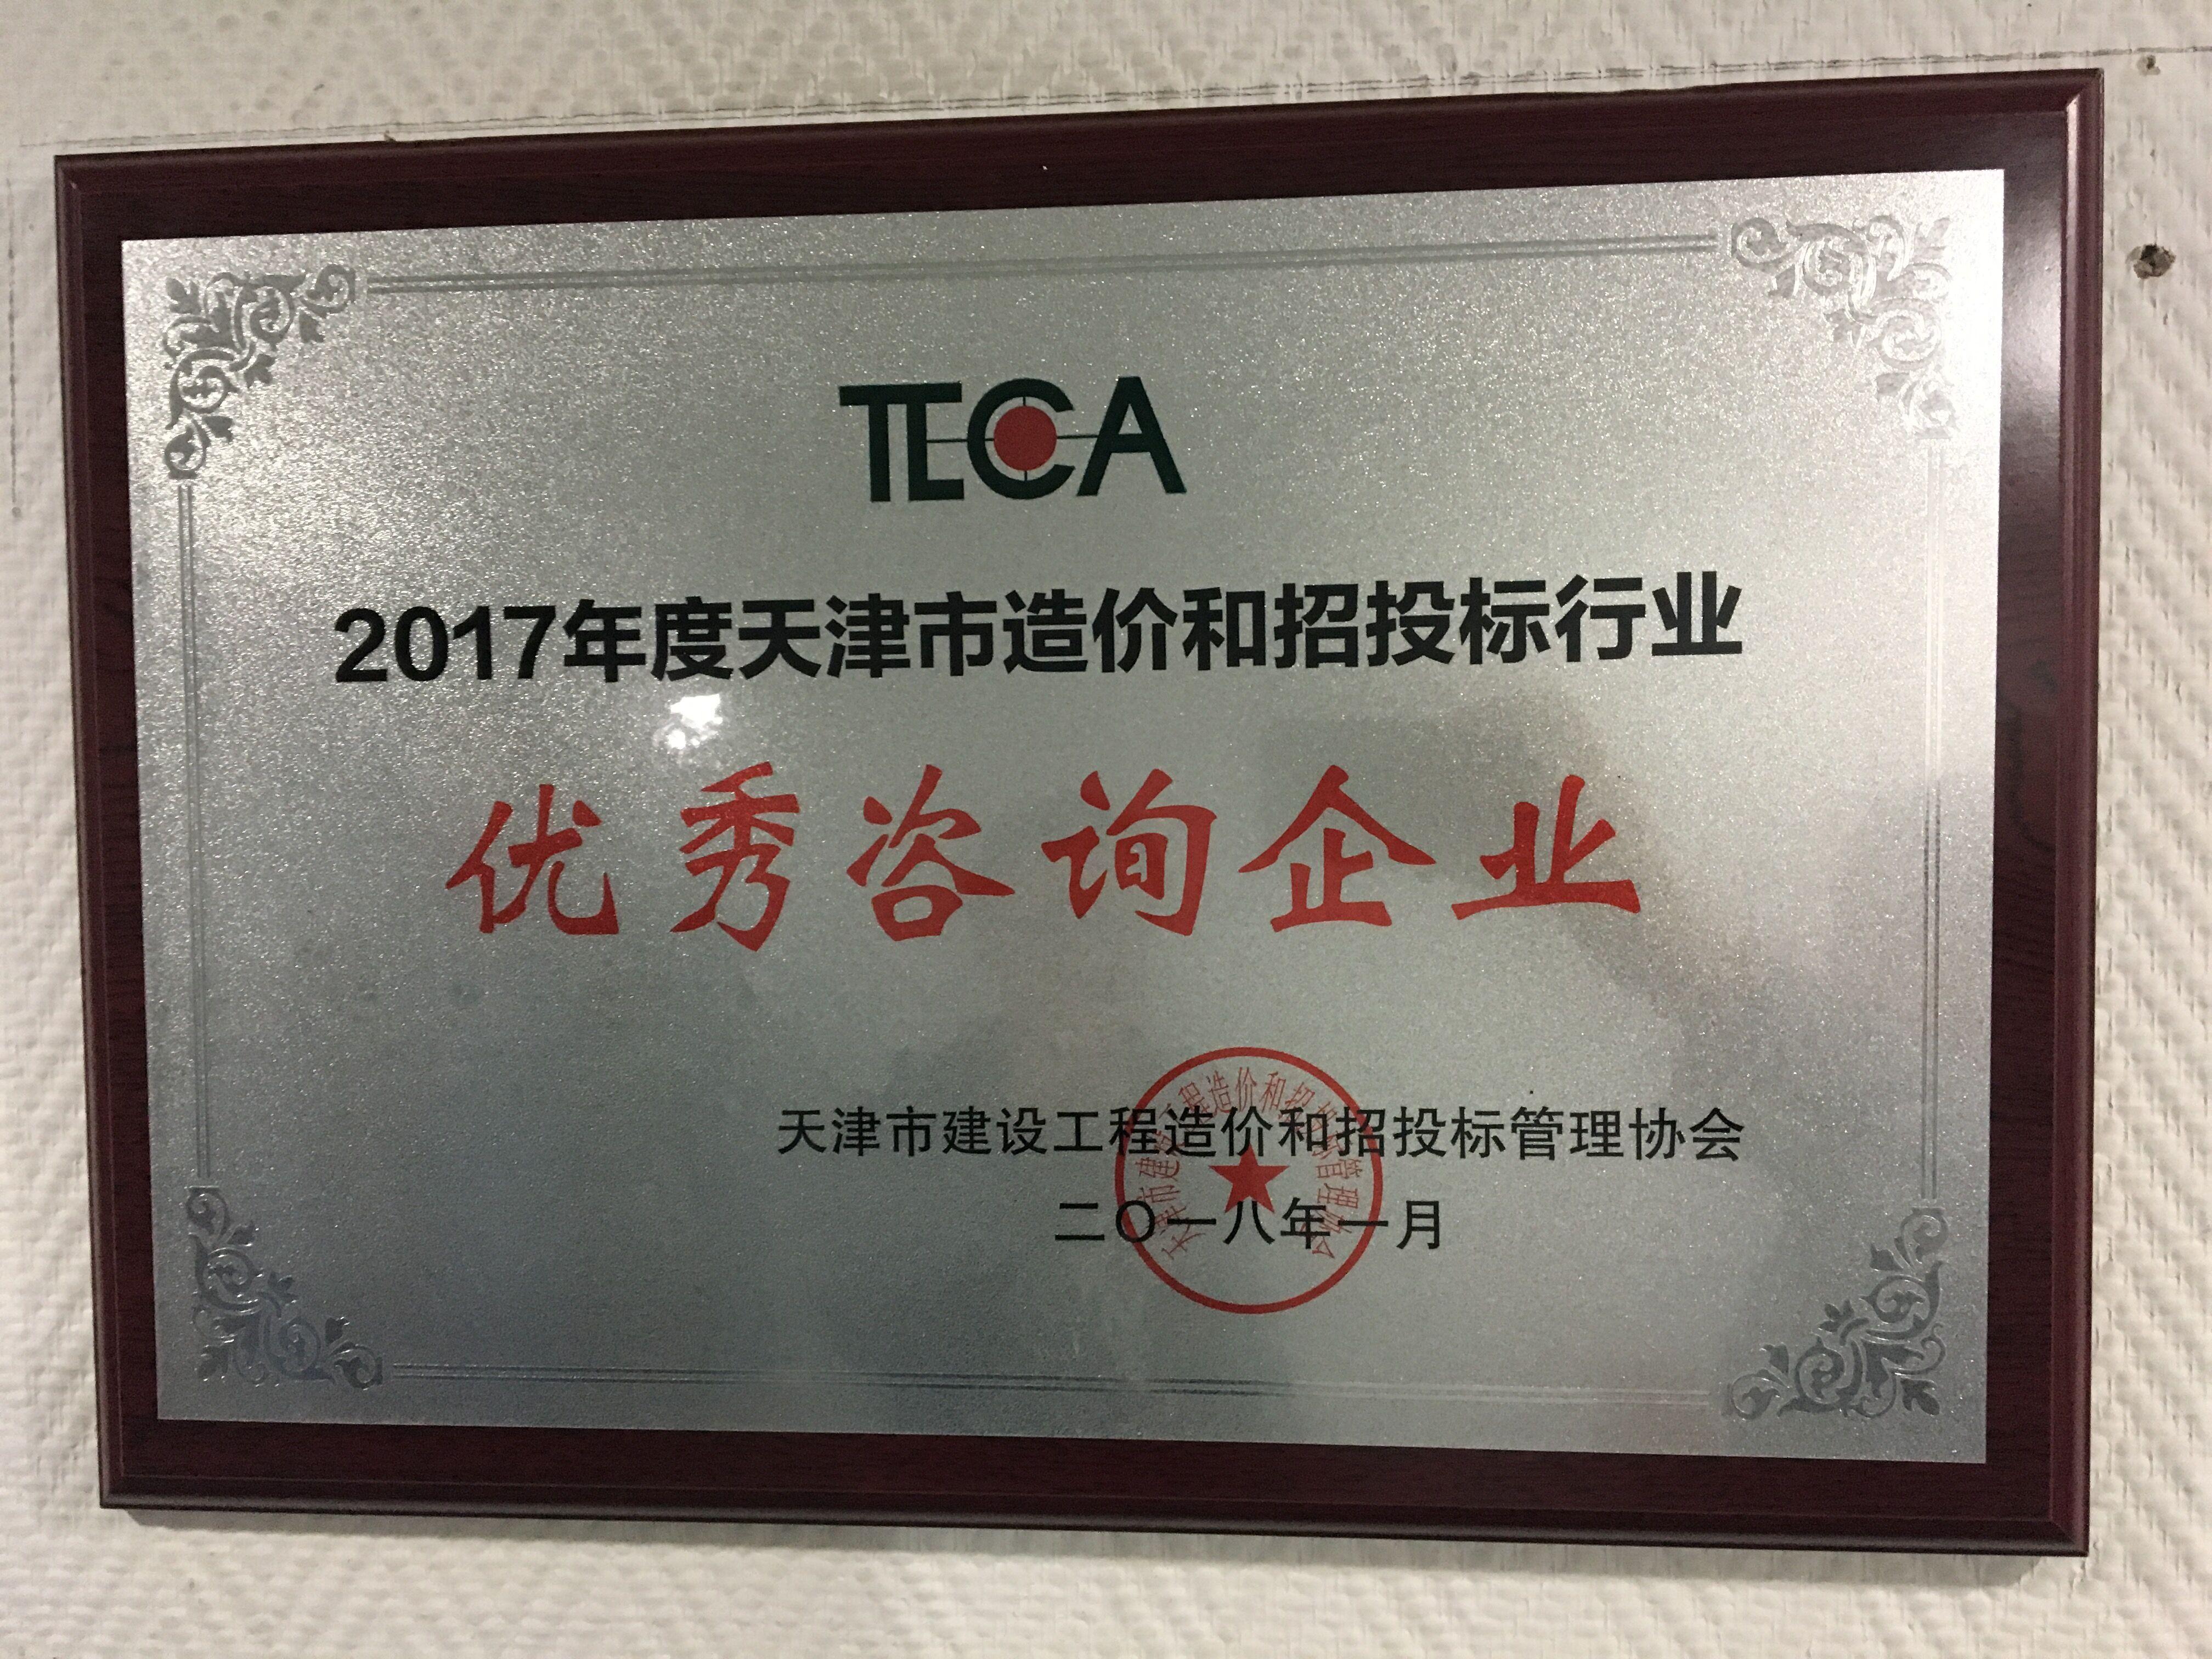 2017年度天津市造价和招投标行业优秀betway必威客户端下载企业